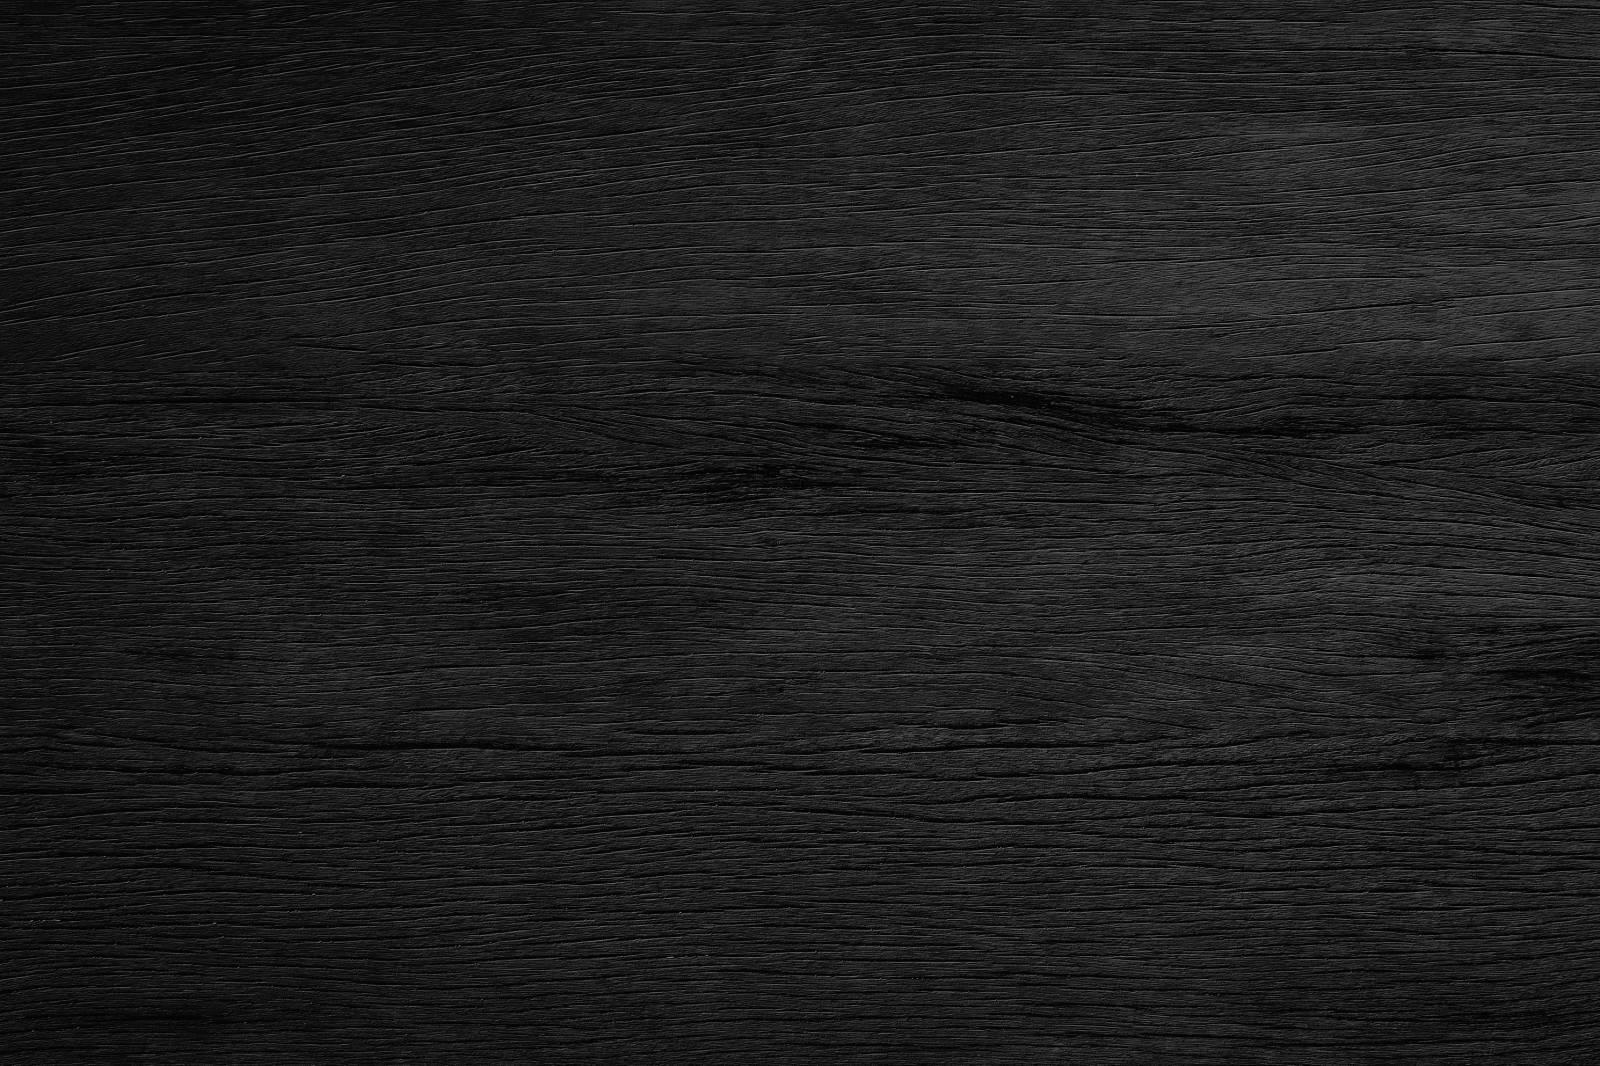 Papel de Parede Adesivo Madeira Preta | Adesivo Vinilico imagem 1